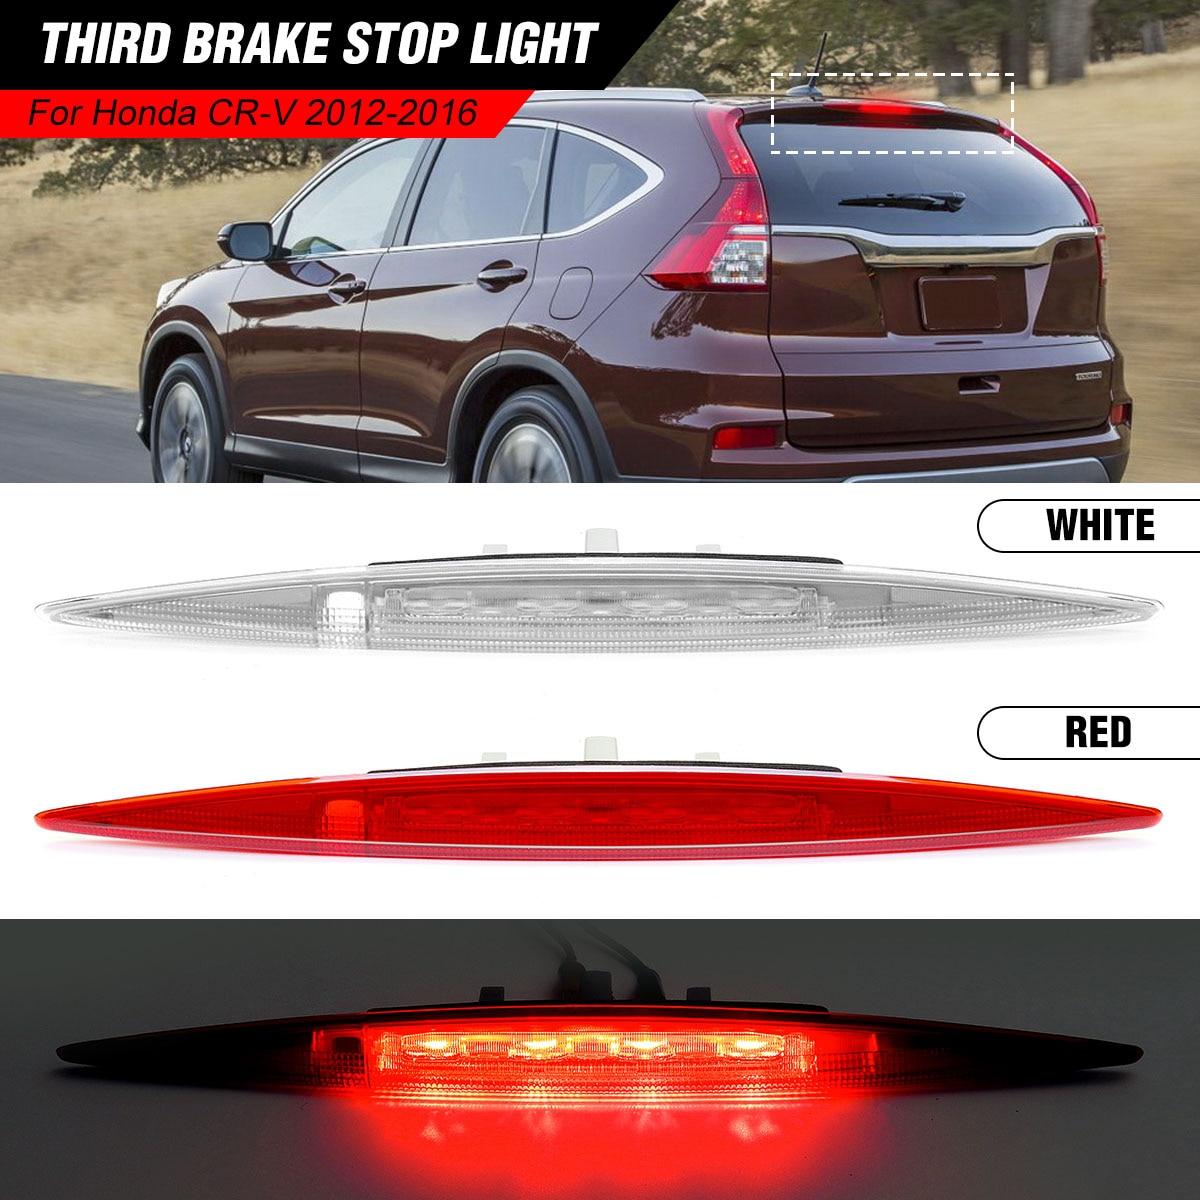 For Honda CR-V CRV 2012-2016 Rear Tail High Mount 3rd Third Brake Light White US